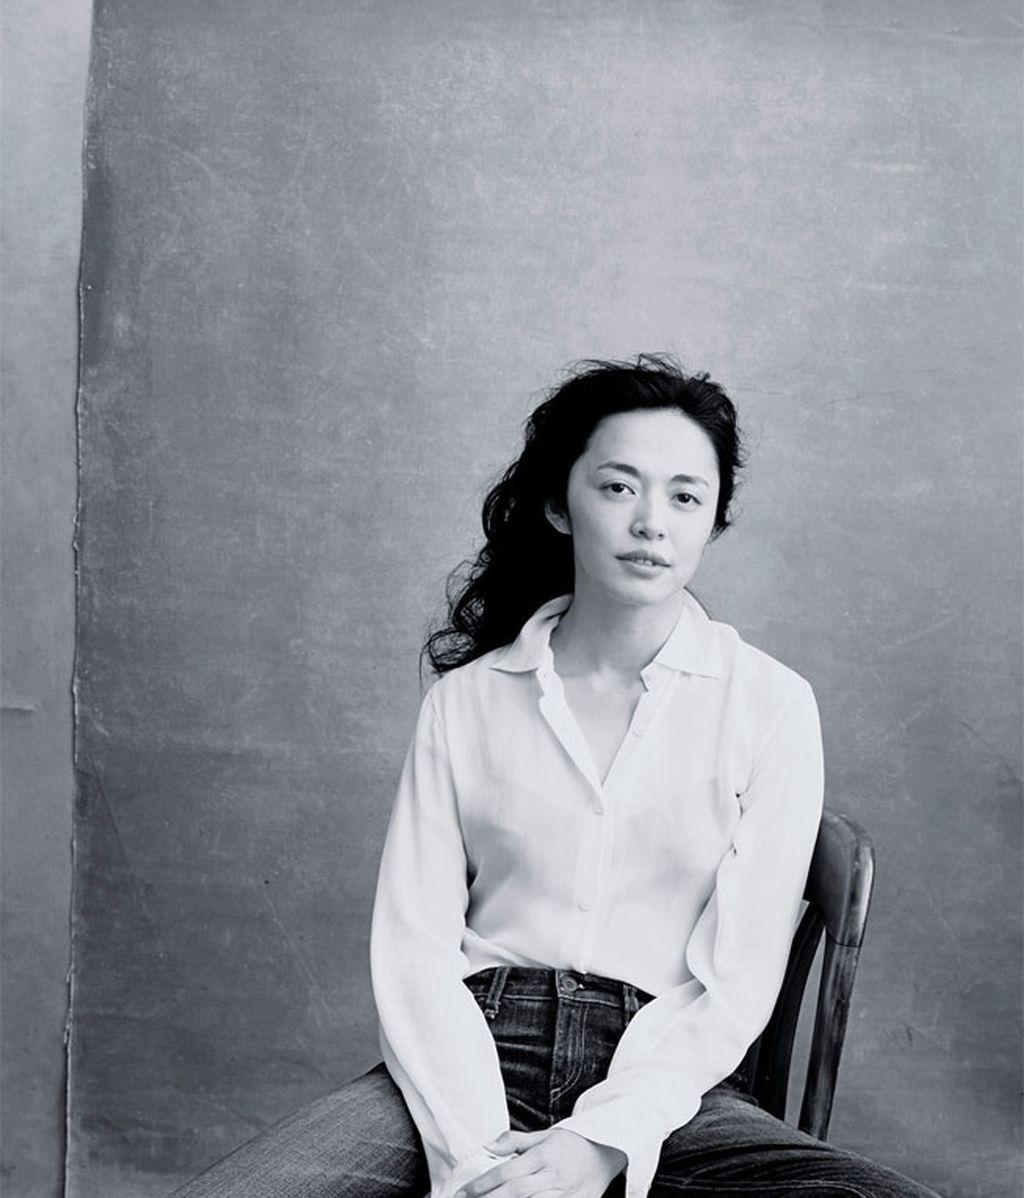 La actriz Yao Chen